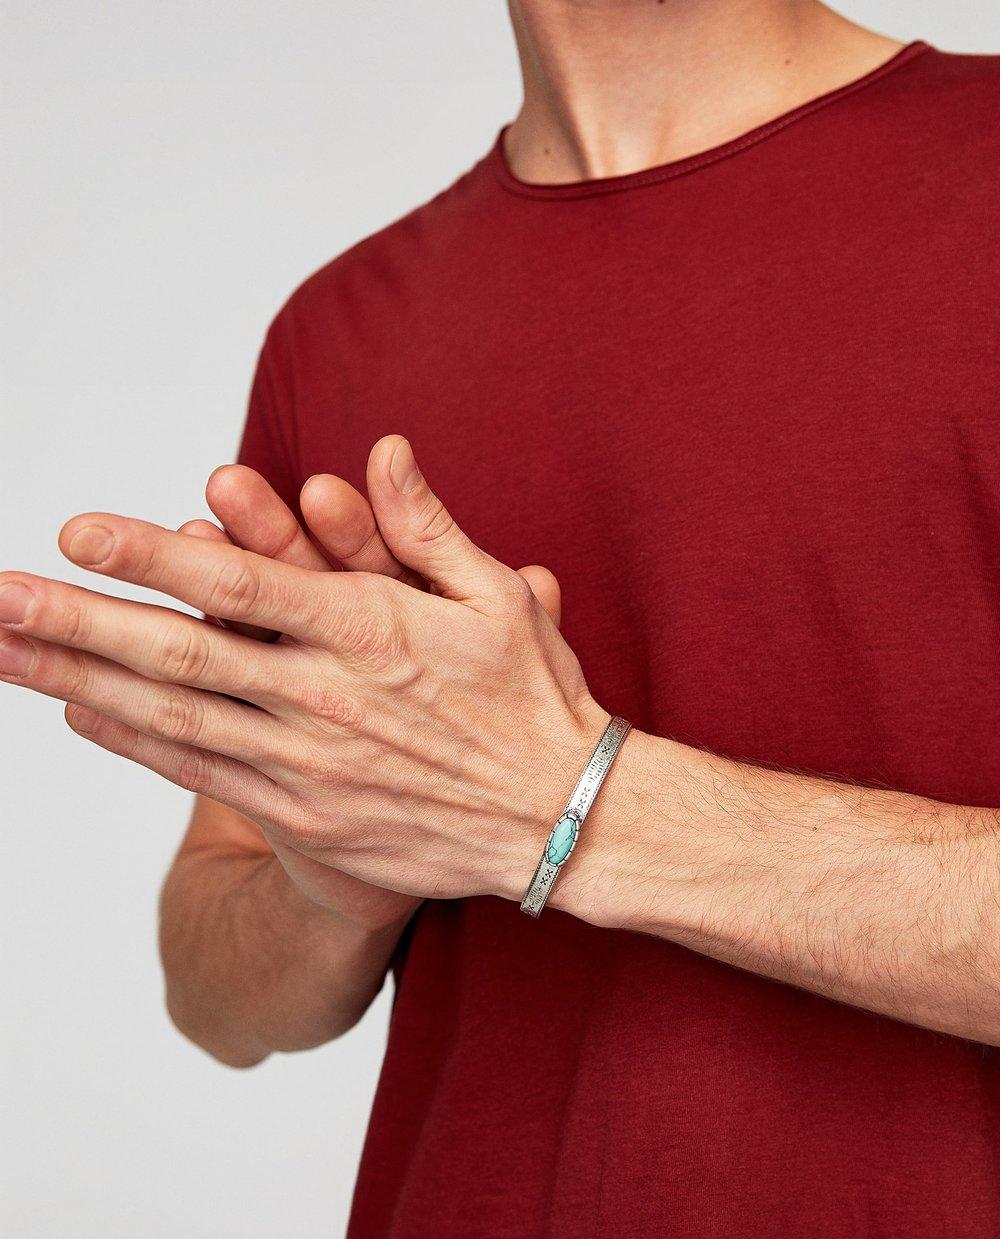 Bracelet with Stone $19.90